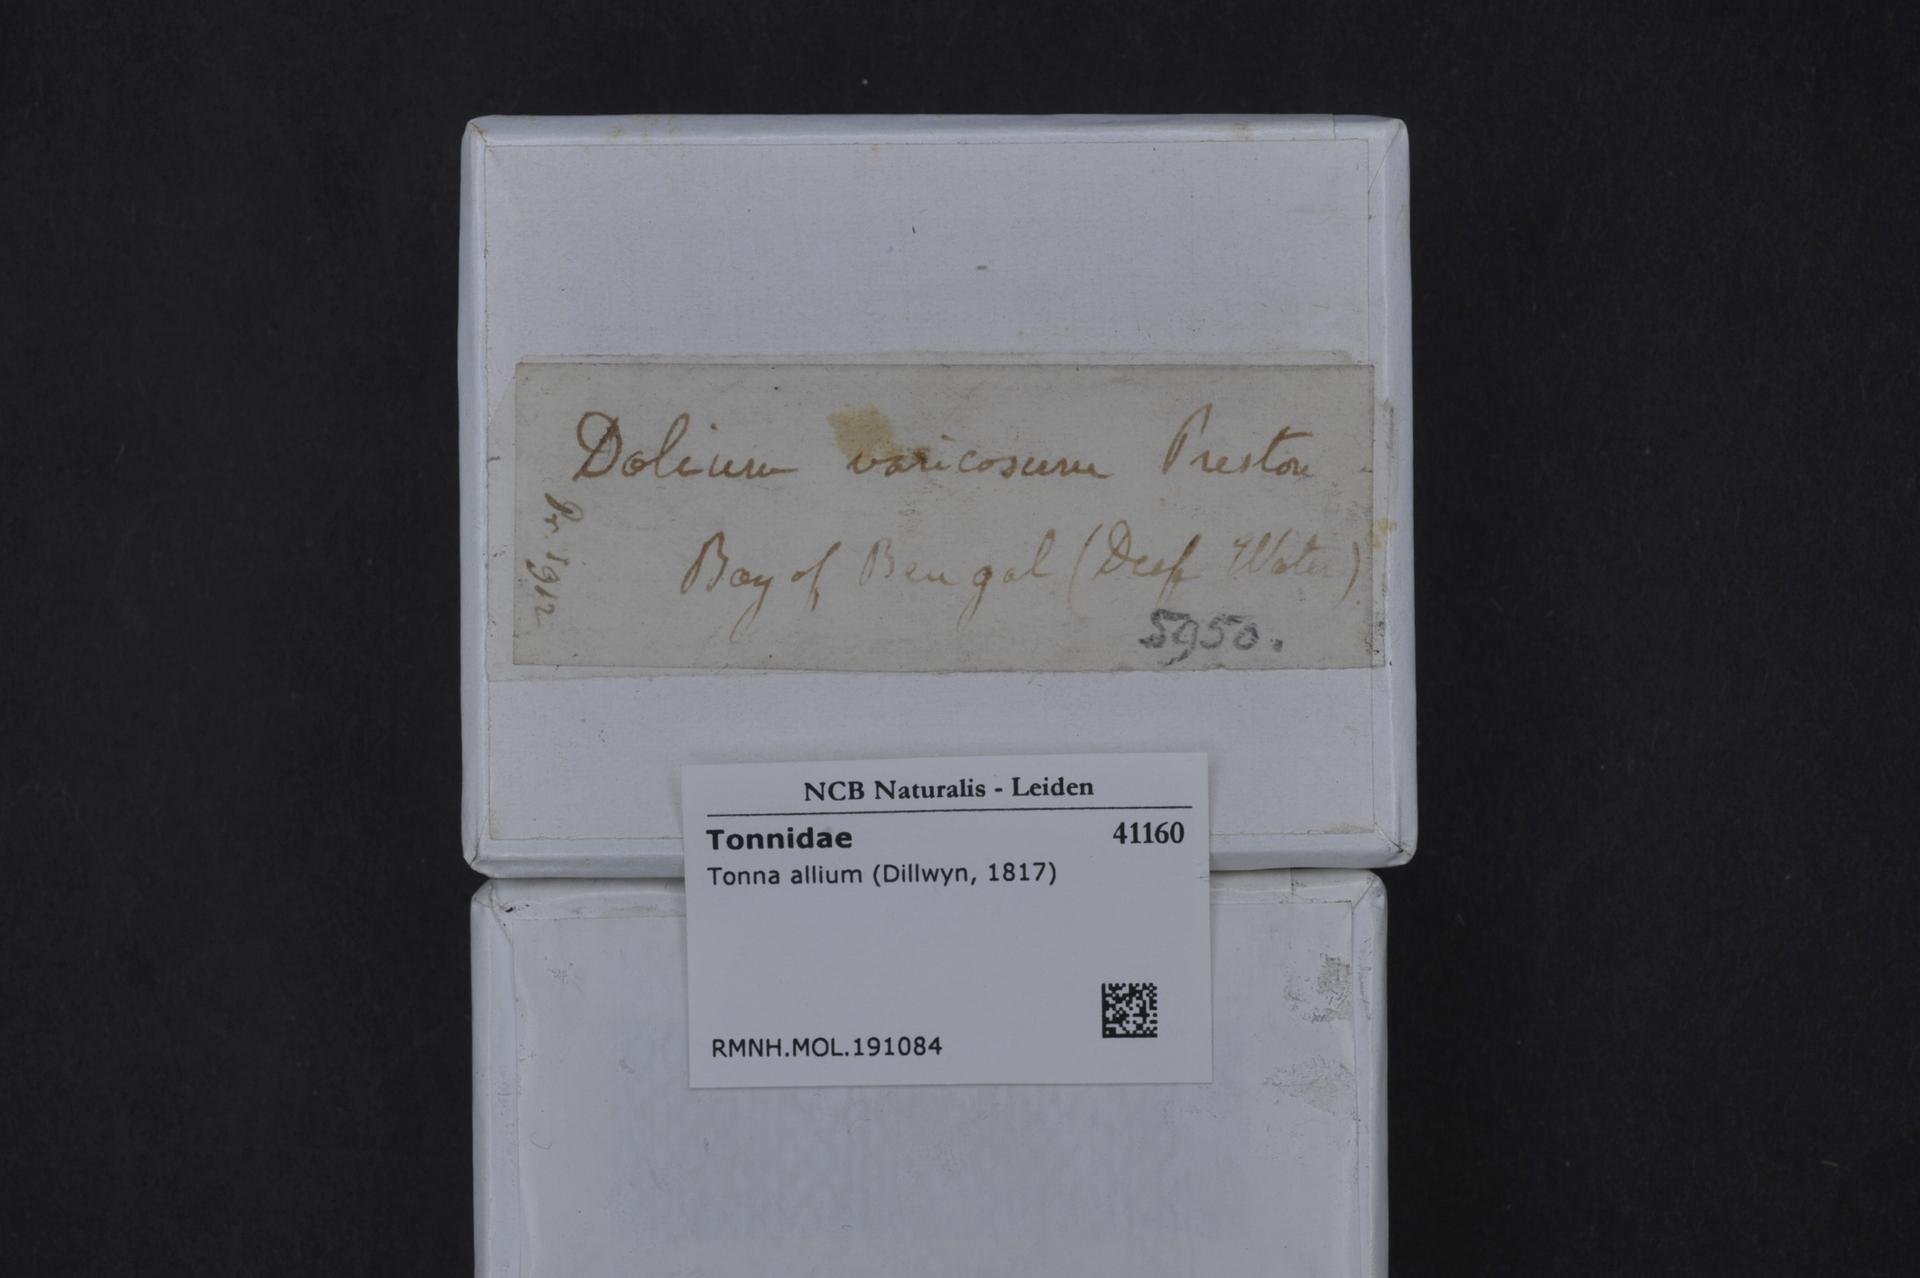 RMNH.MOL.191084 | Tonna allium (Dillwyn, 1817)